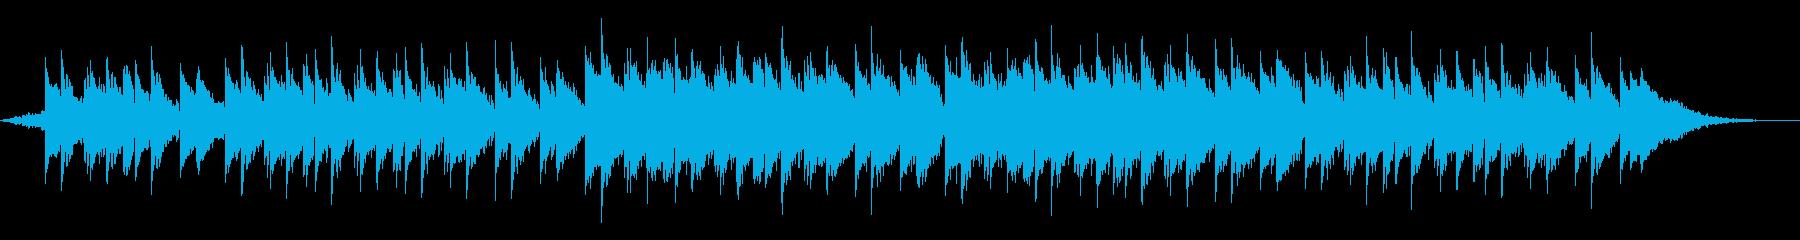 企業映像 ショートドラム無 感動CMの再生済みの波形